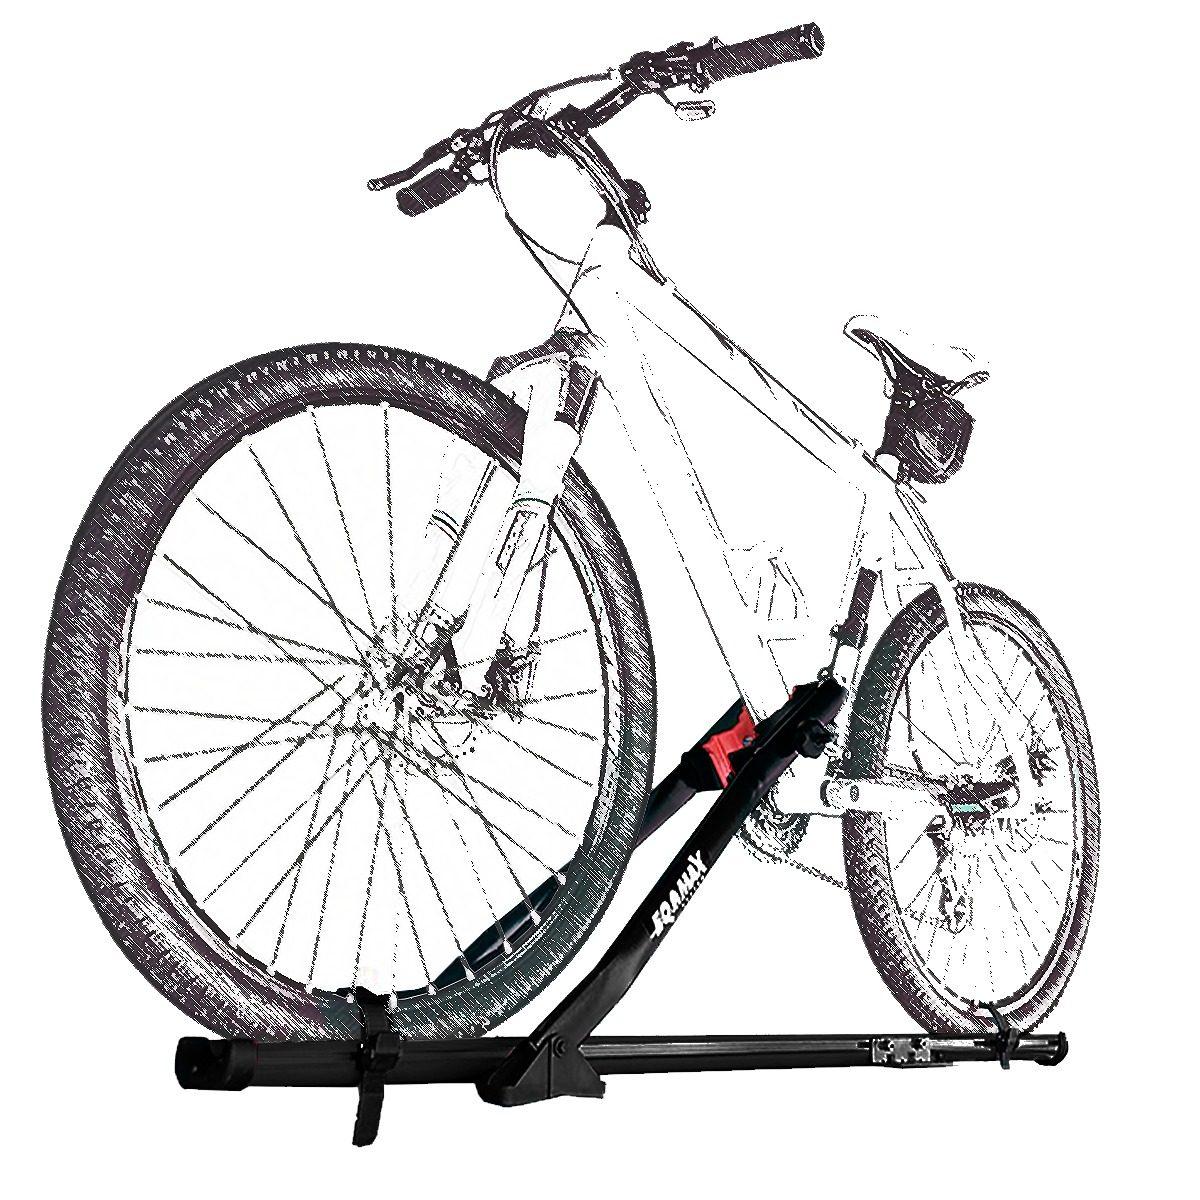 097bbd933 suporte teto bicicleta calha transbike eqmax alumínio preto. Carregando  zoom.